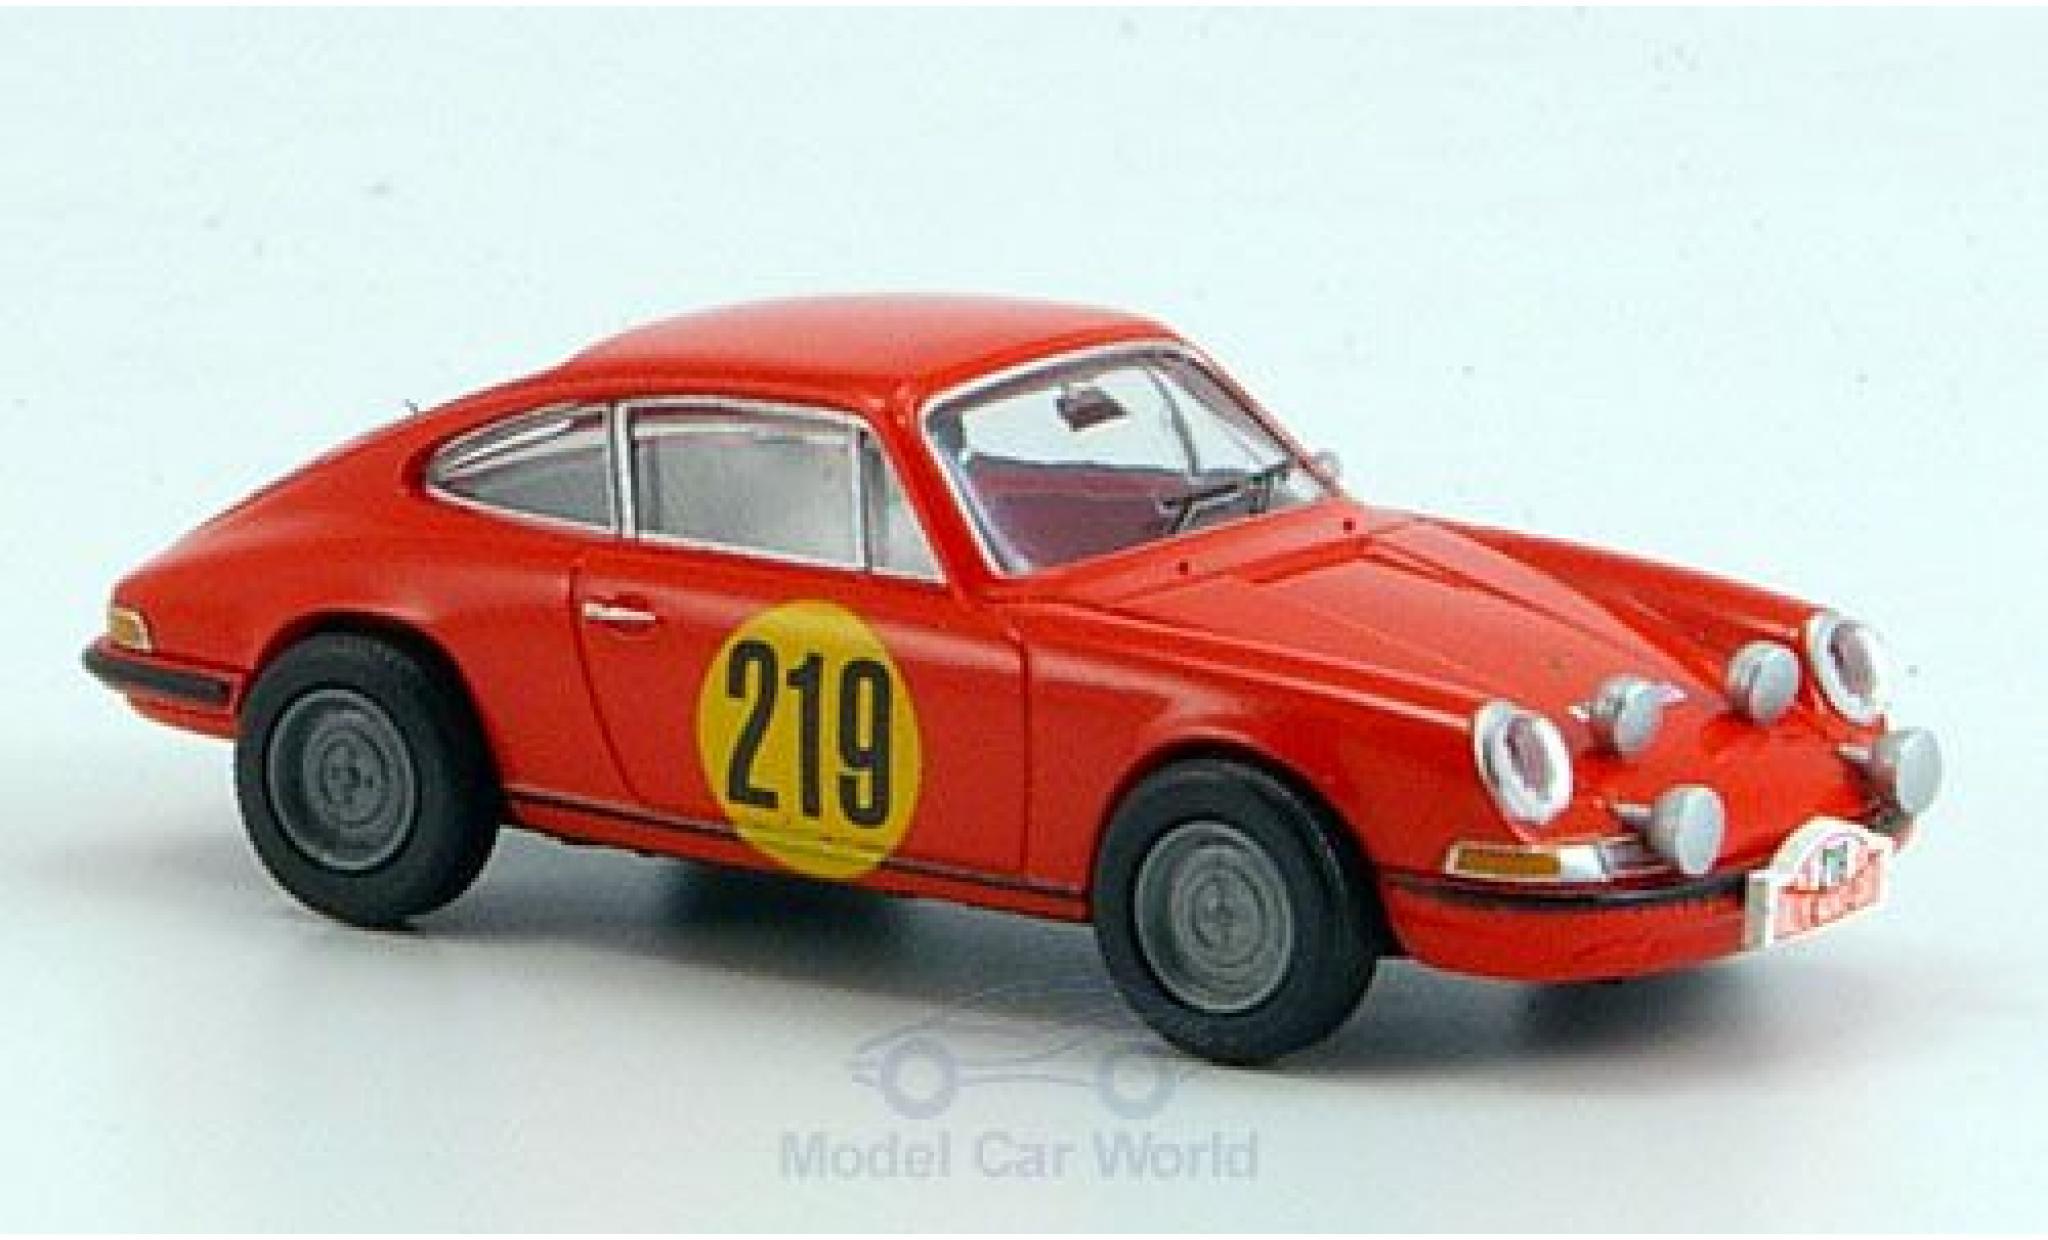 Porsche 911 1/87 Brekina No.219 Rallye Monte-Carlo 1967